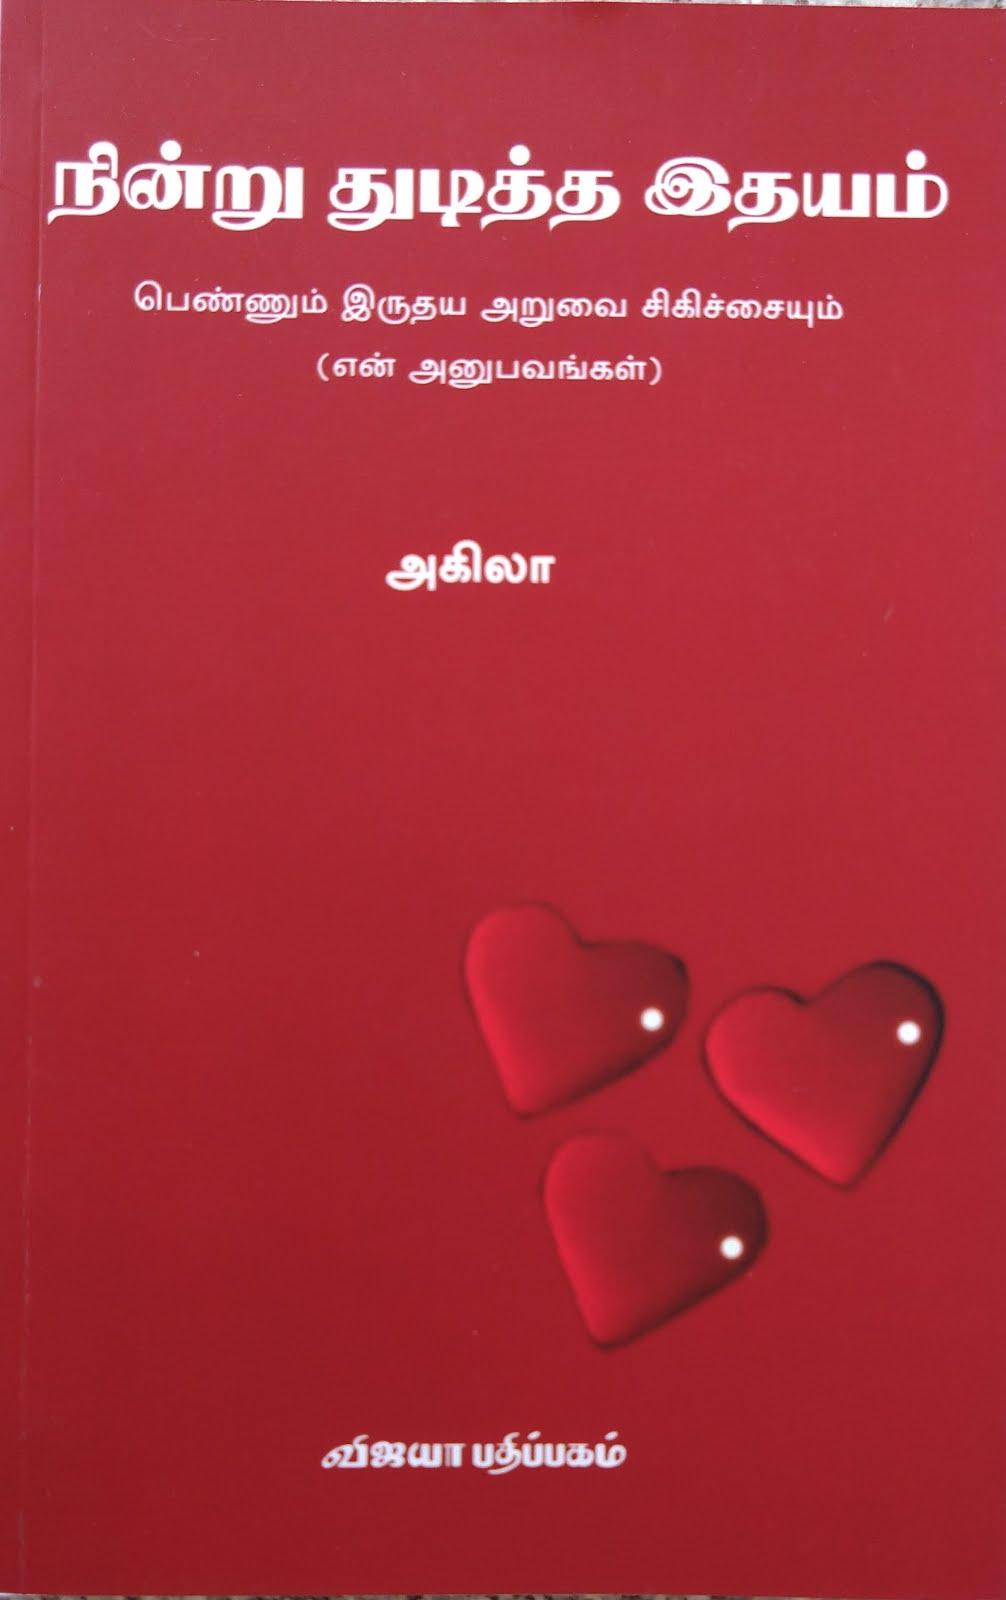 நின்று துடித்த இதயம் - அகிலா